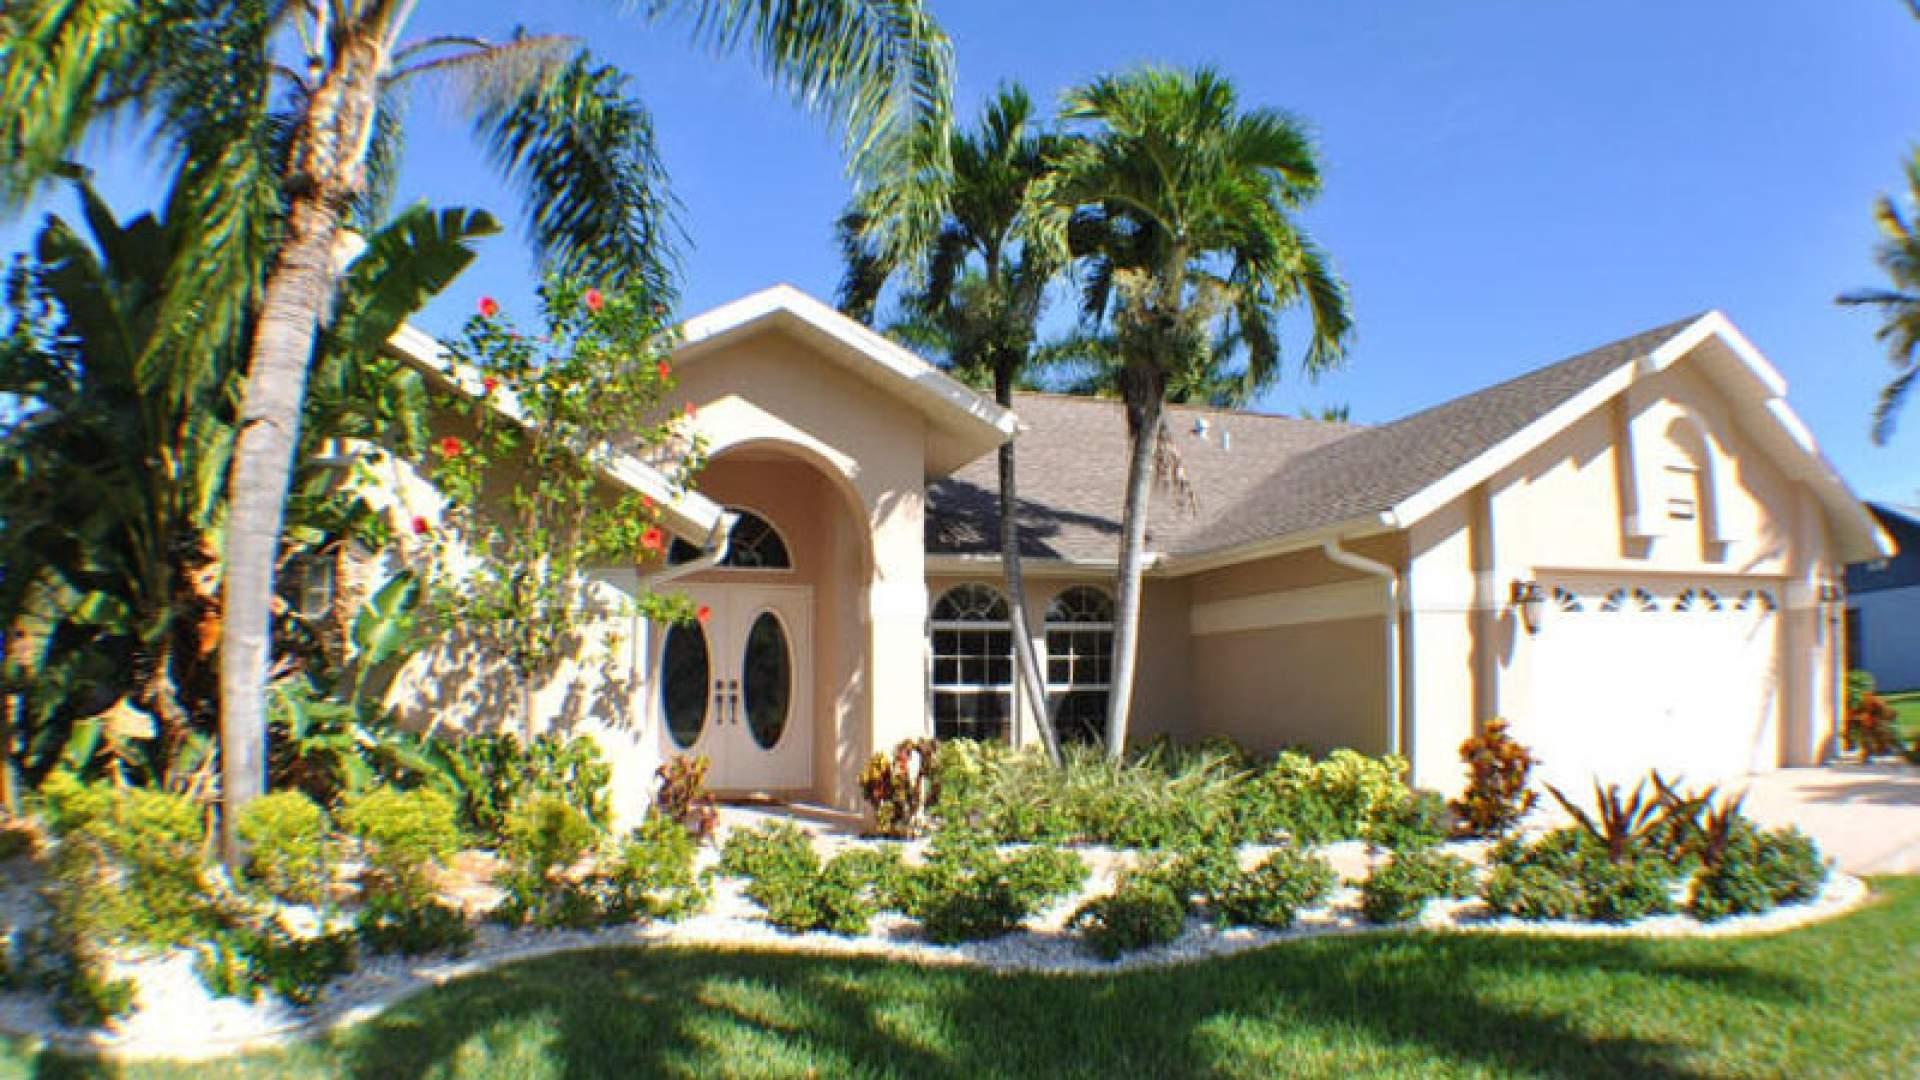 Villa Rafaello ist von einem schönen tropischen Garten umgeben